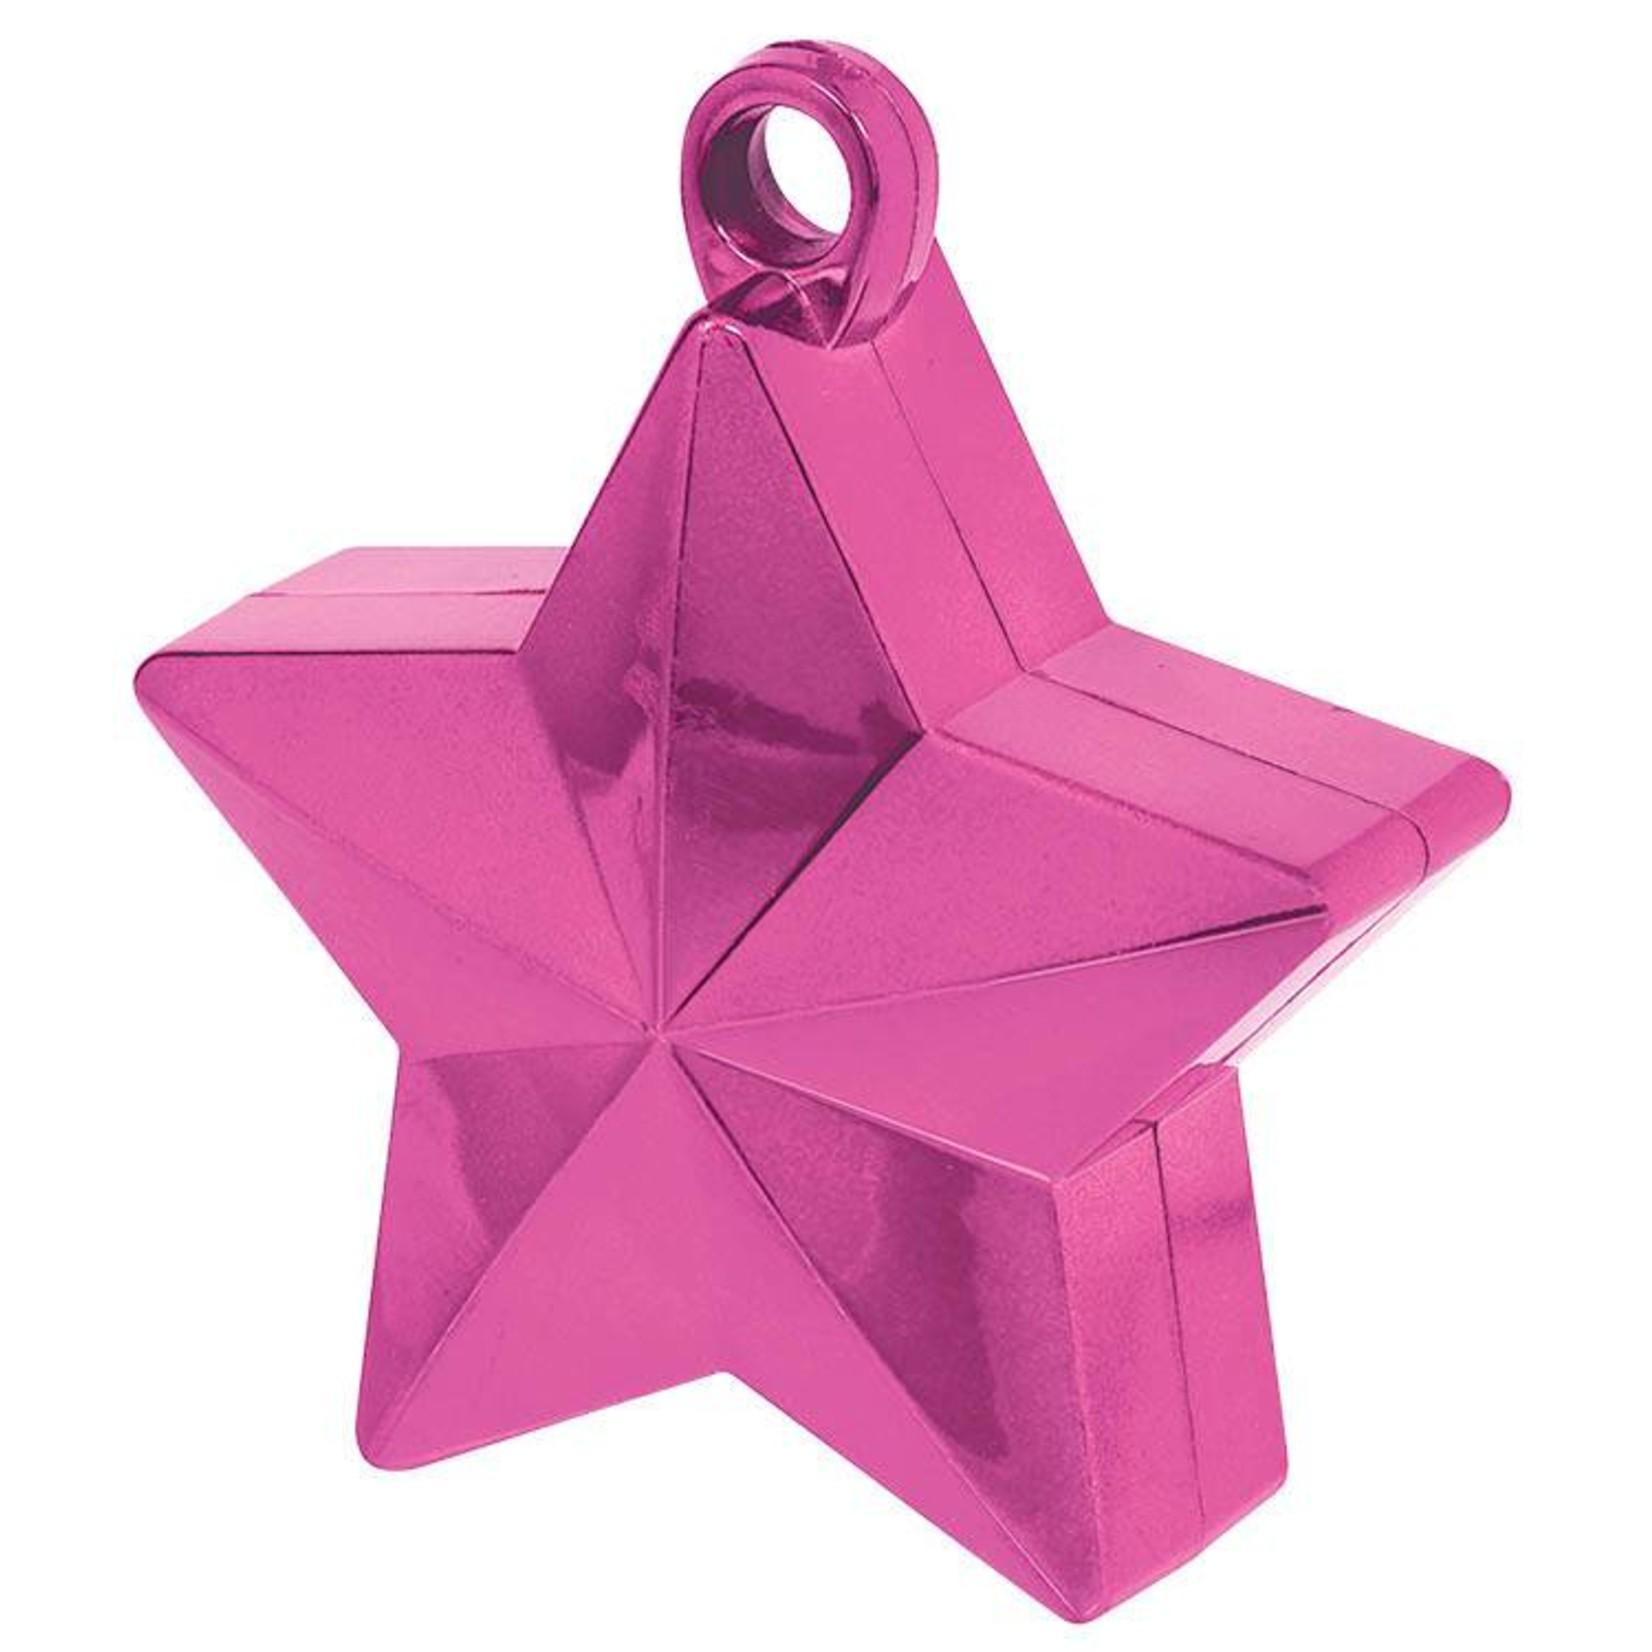 Balloon Weight-Star-Bright Pink-6oz